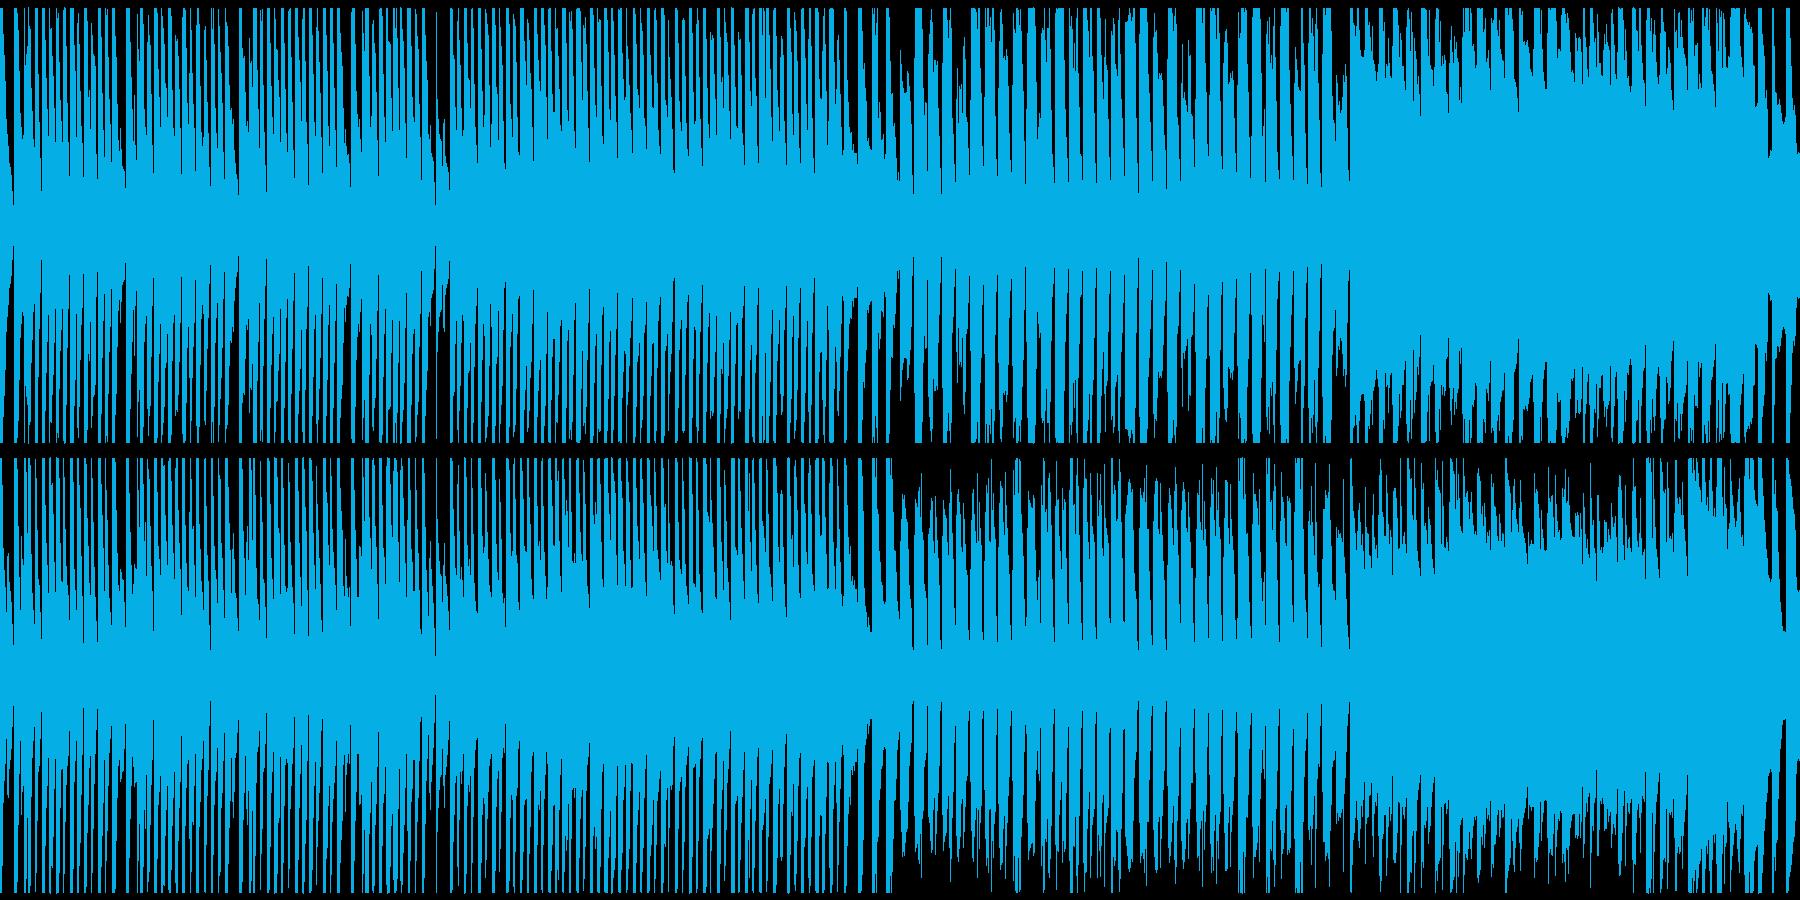 マリンバとリコーダーによる朗らかなループの再生済みの波形